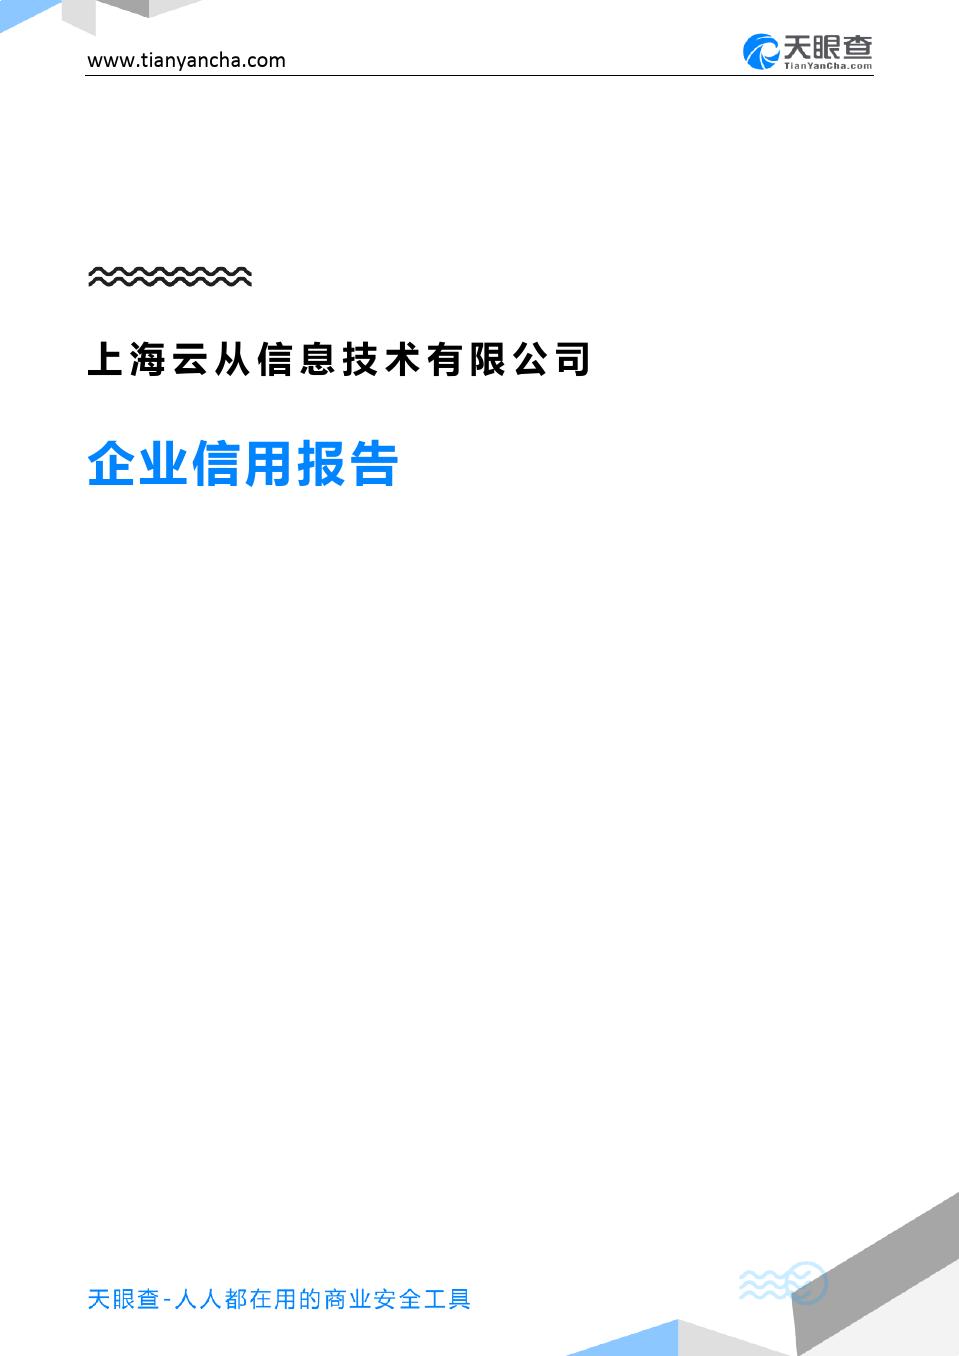 上海云从信息技术有限公司(企业信用报告)- 天眼查